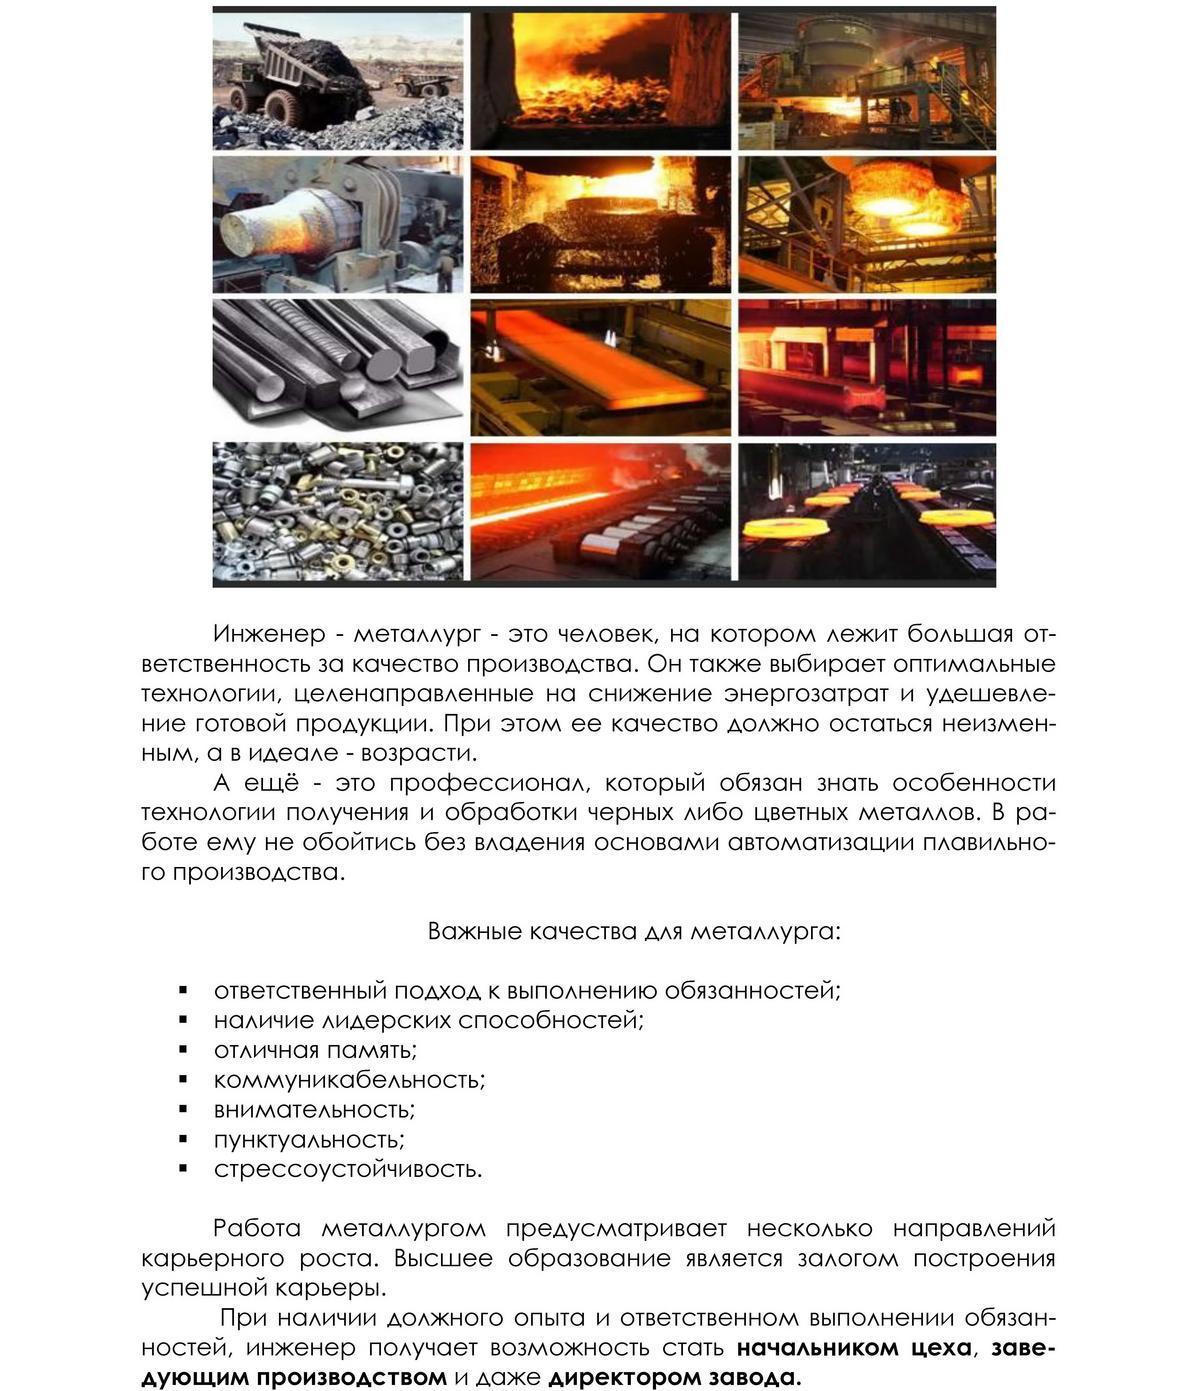 Новая генерация металлургов:  от фундаментальных знаний - к виртуозному  профессионализму 2